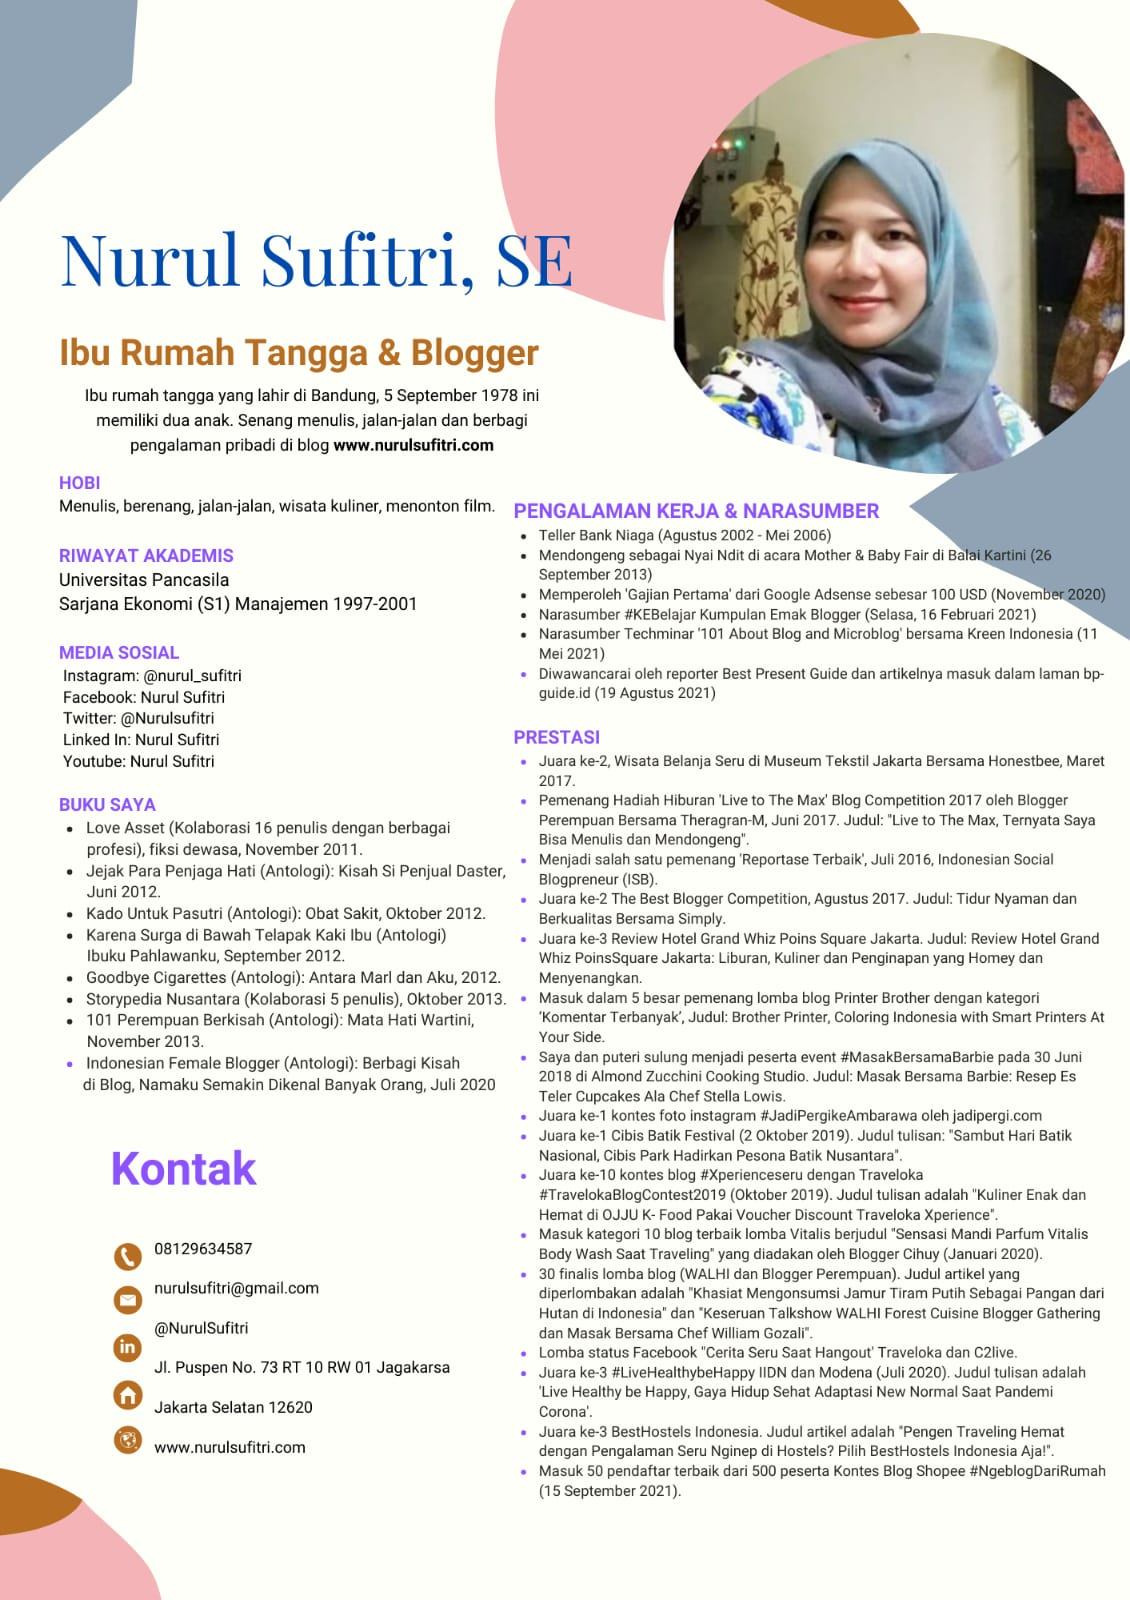 Portfolio Curriculum Vitae Nurul Sufitri Travel Lifestyle Blog